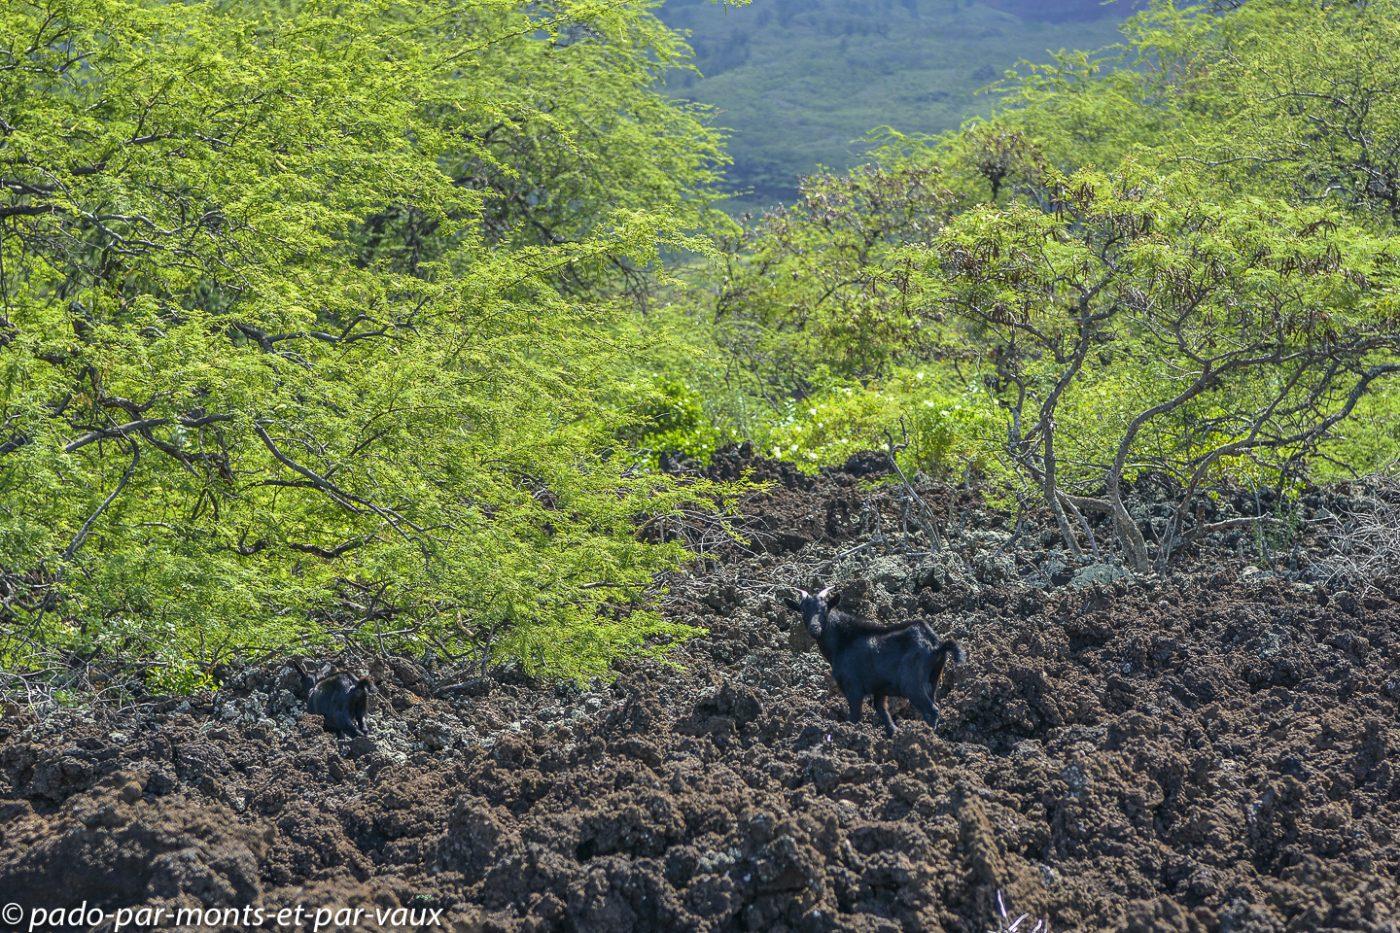 Maui -  chèvre sauvage